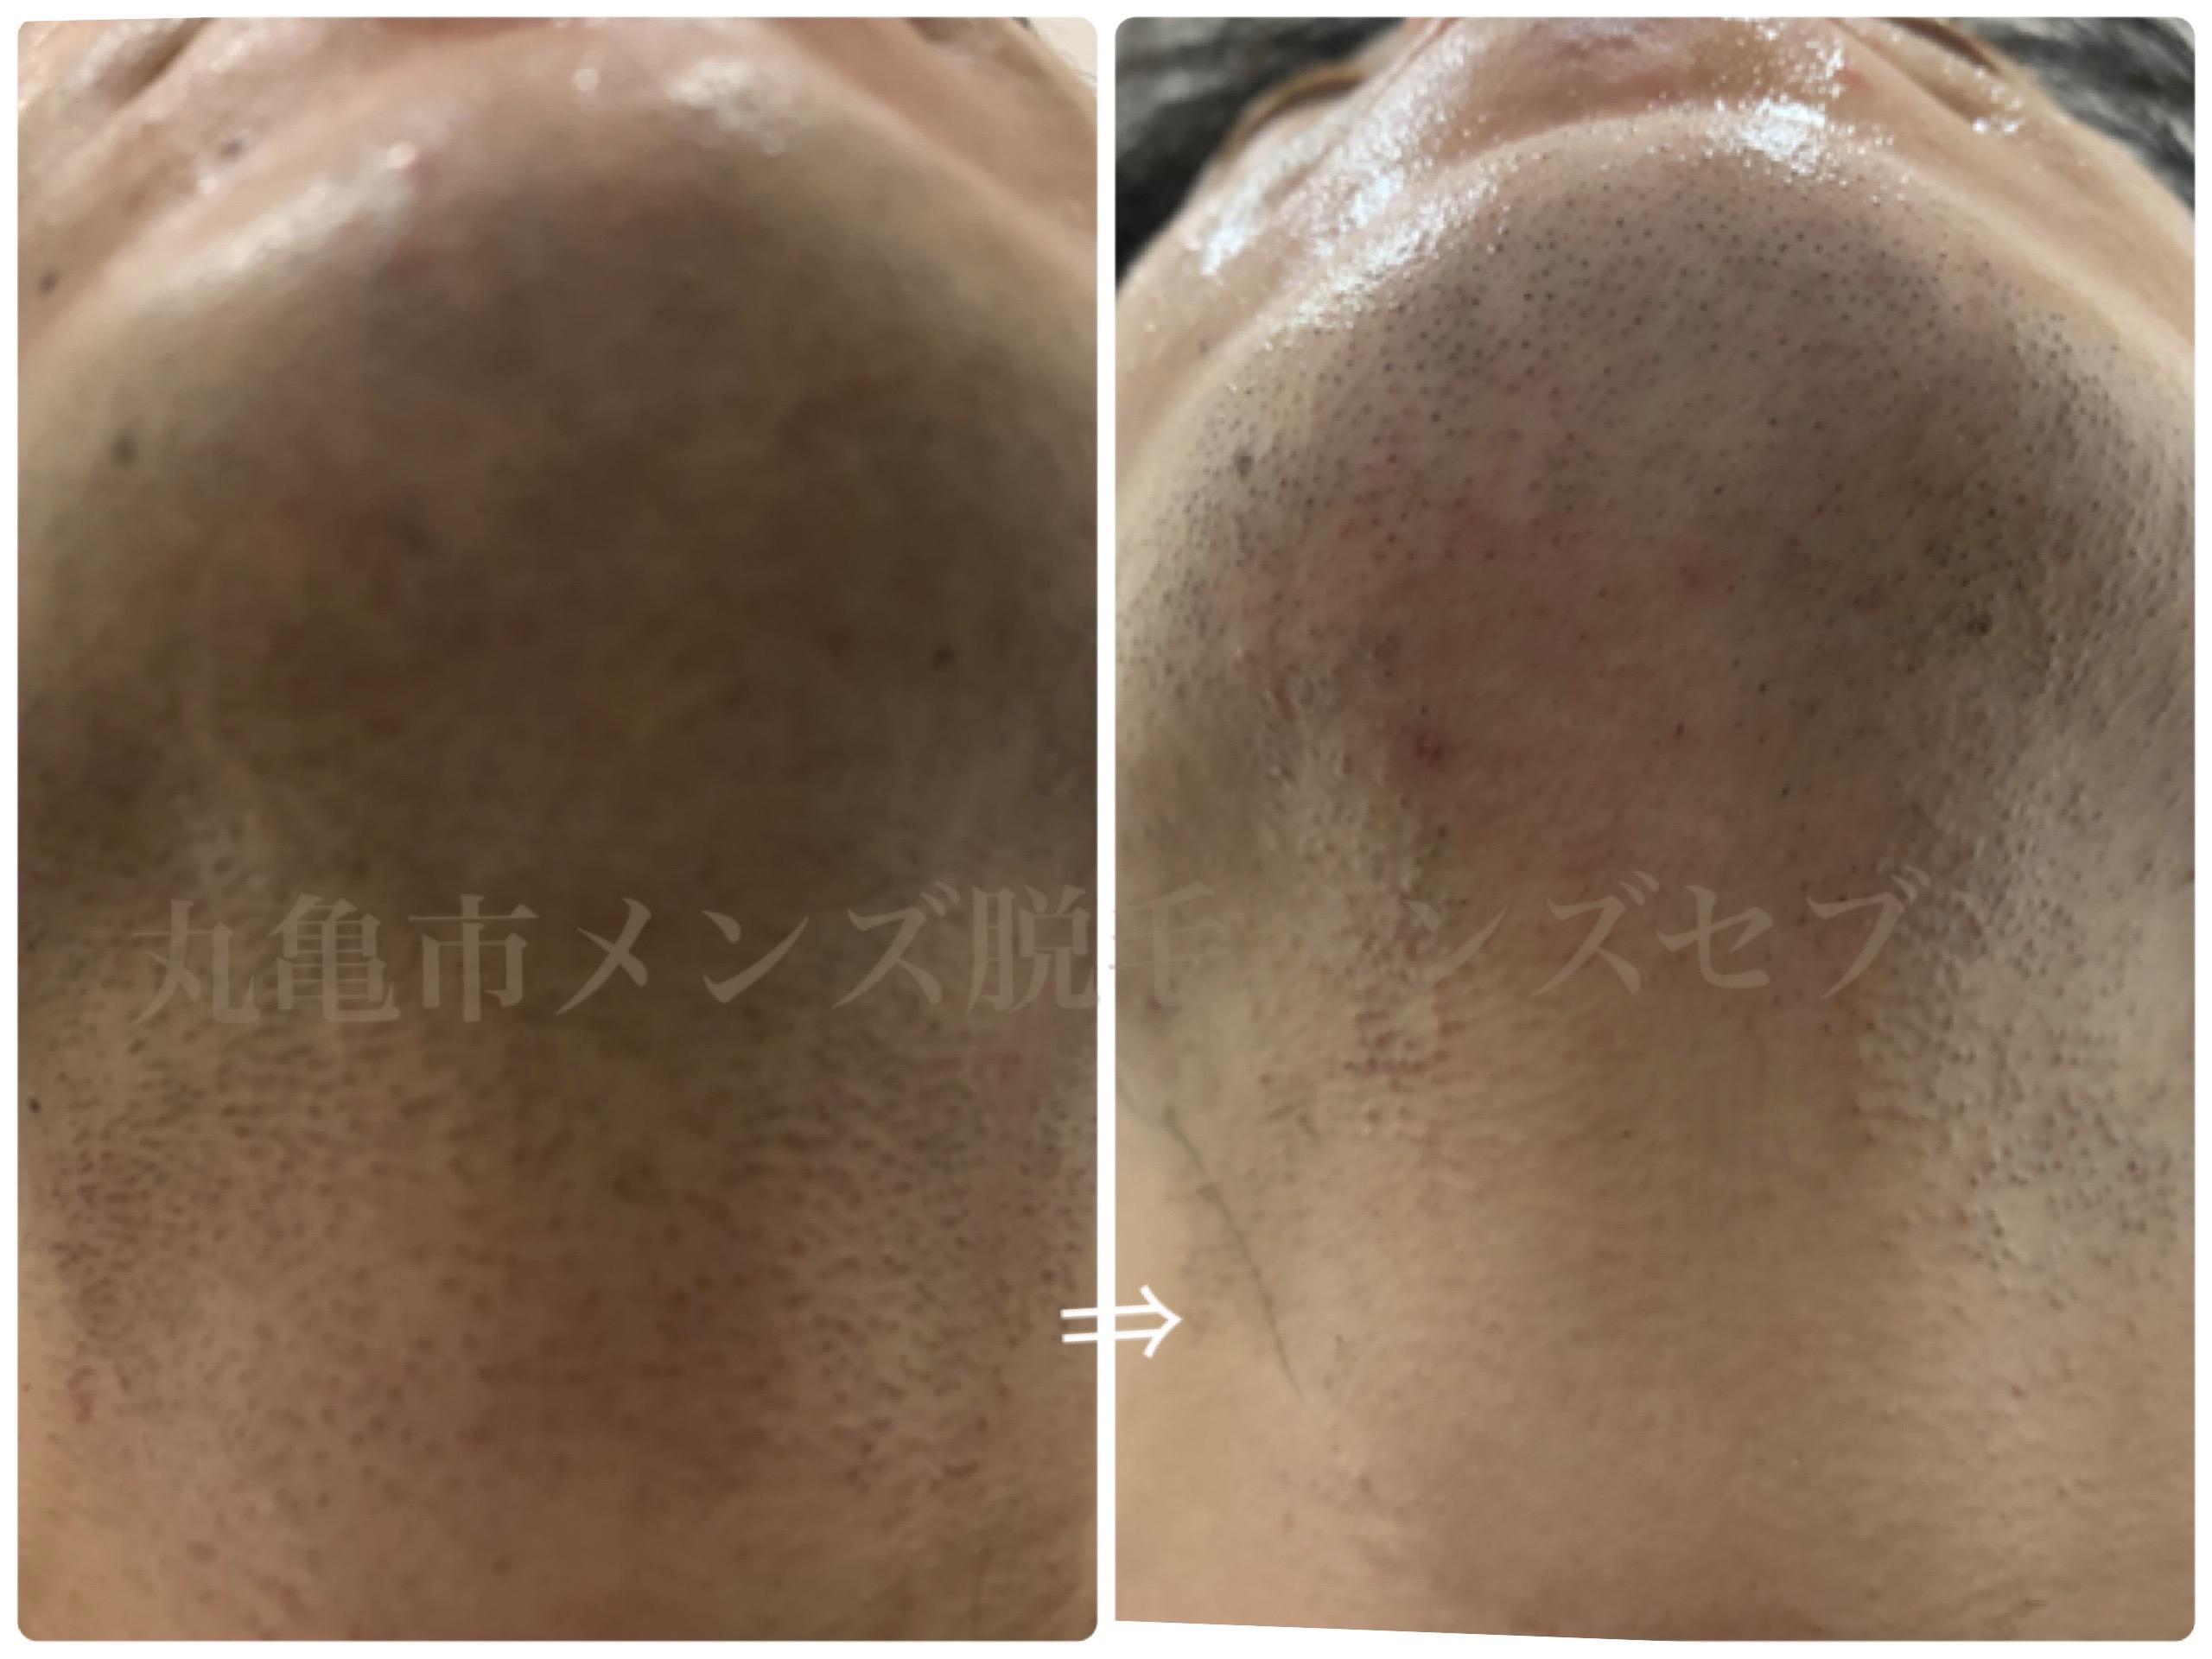 メンズセブンひげ脱毛症例